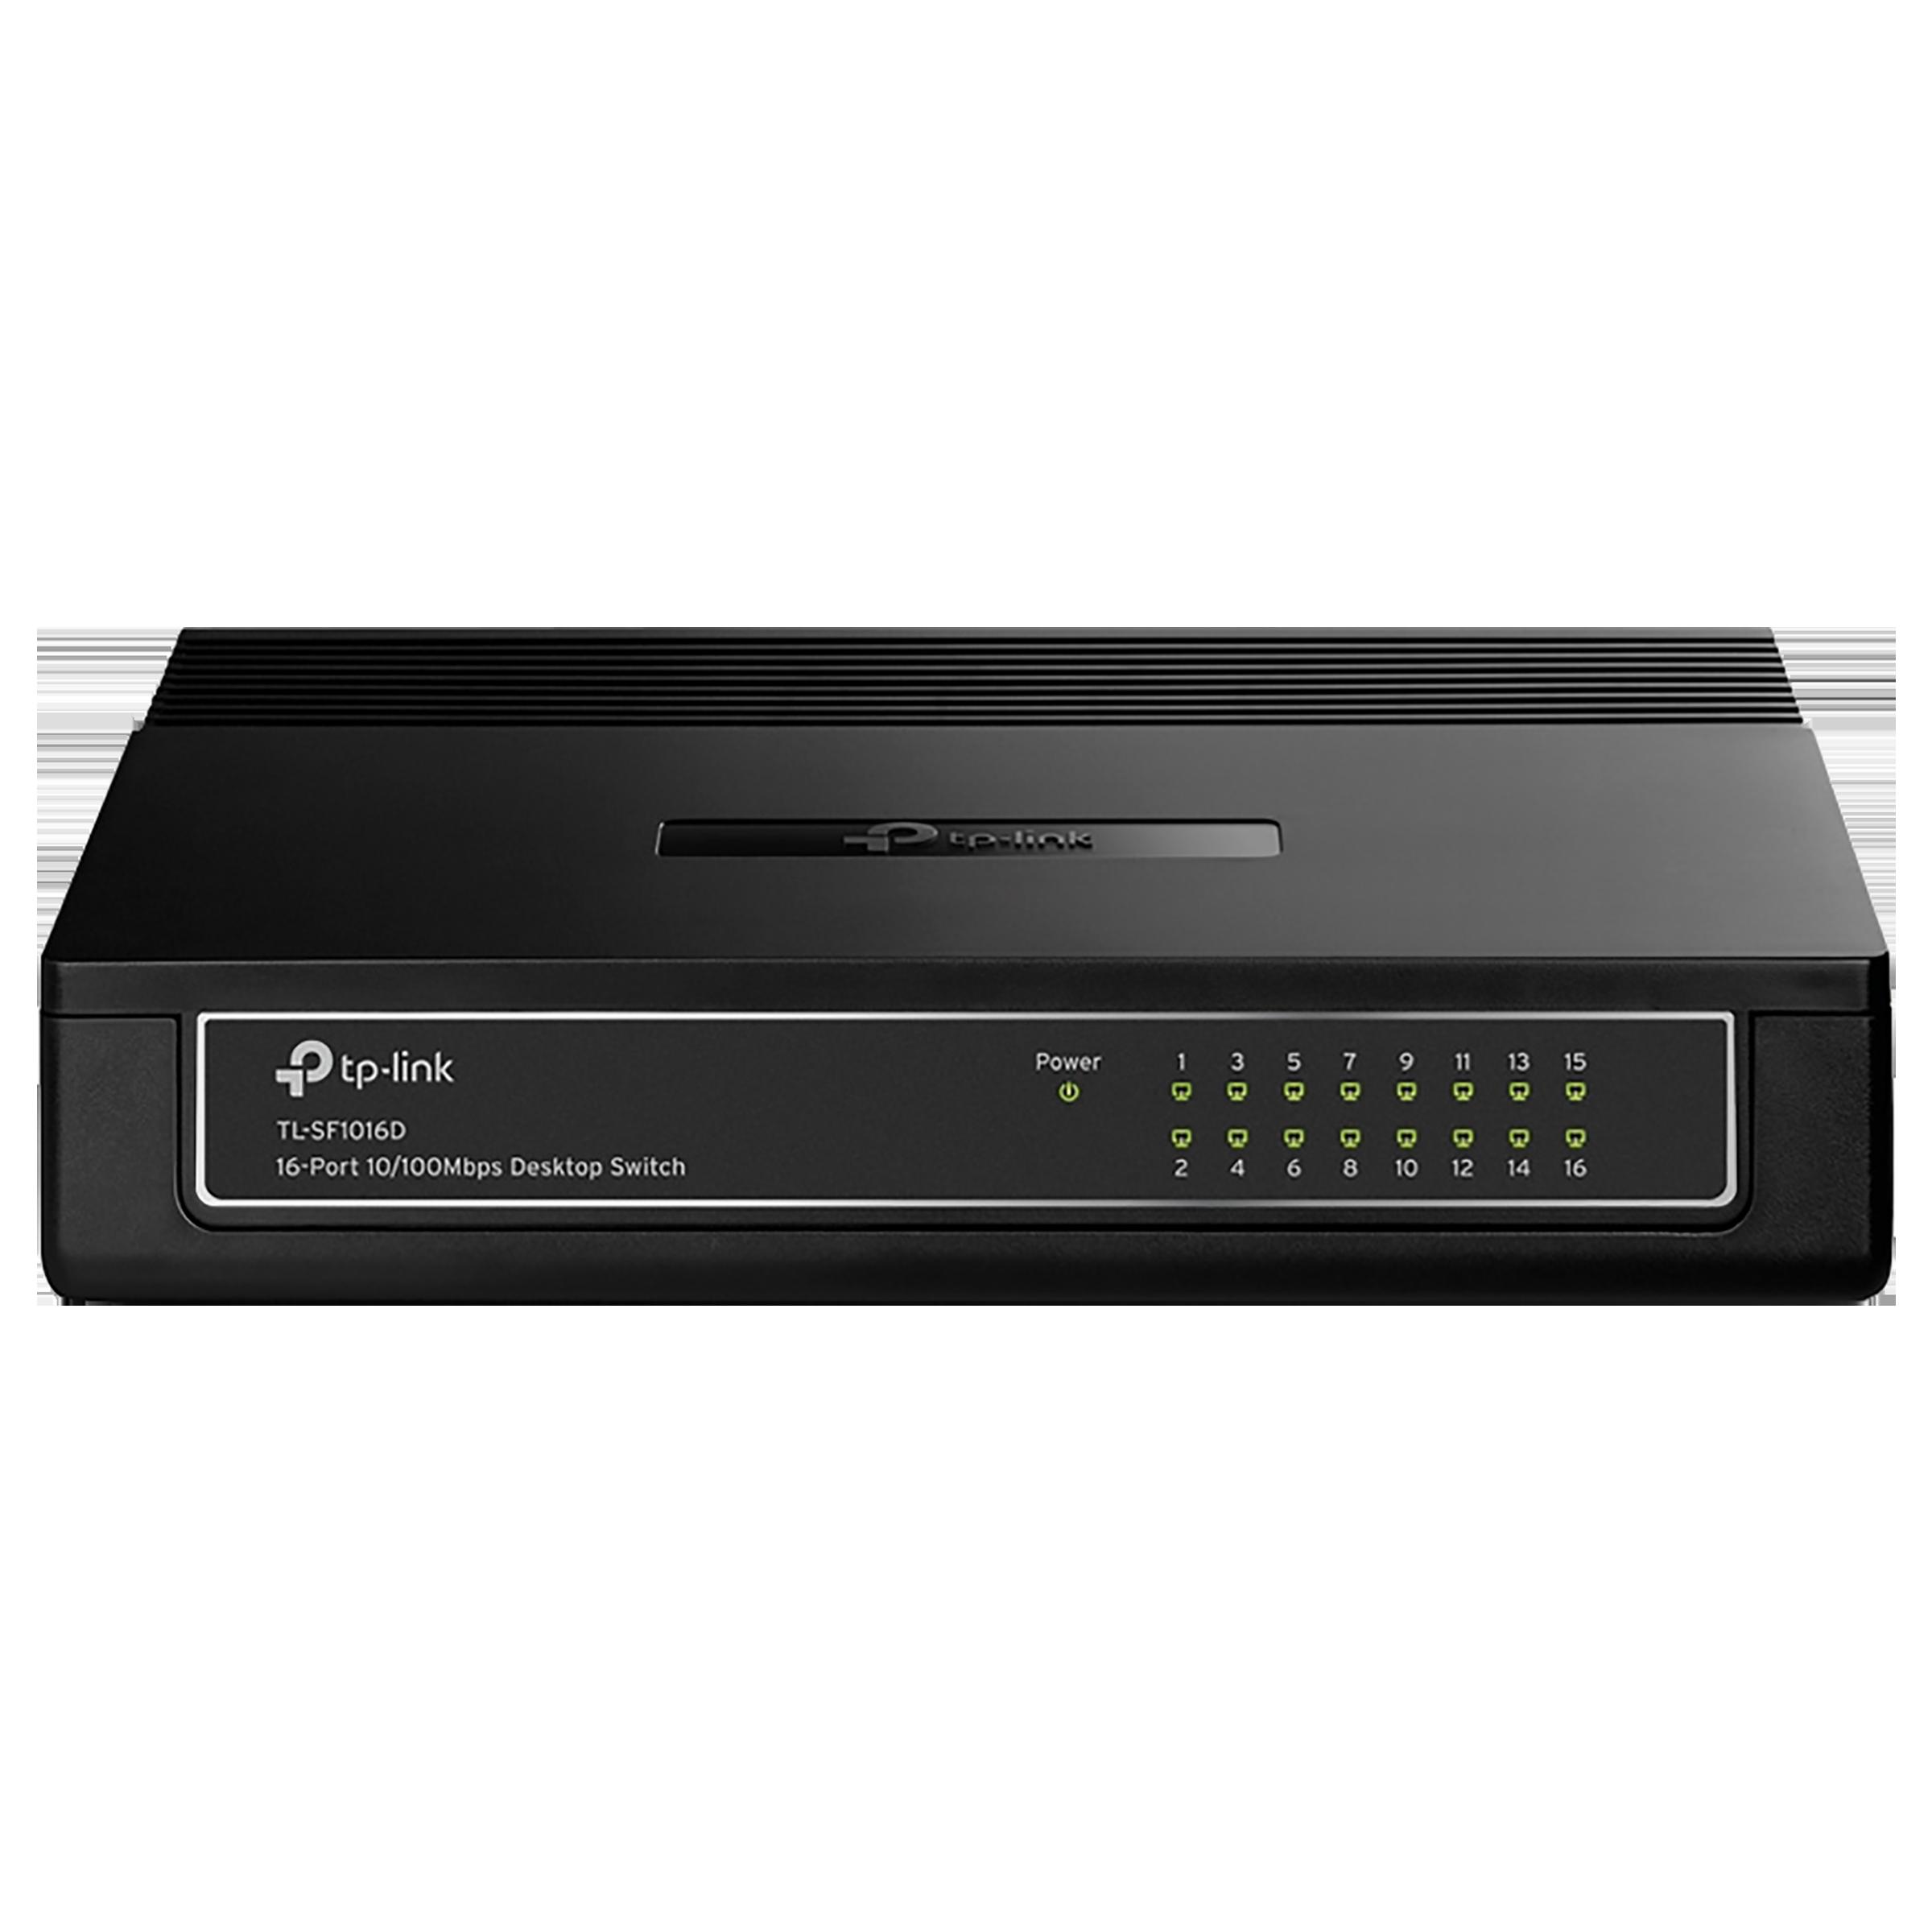 Tp-Link TL-SF1016D V7 Switch/Plug (Green Ethernet Technology, 1730502160, Black)_1